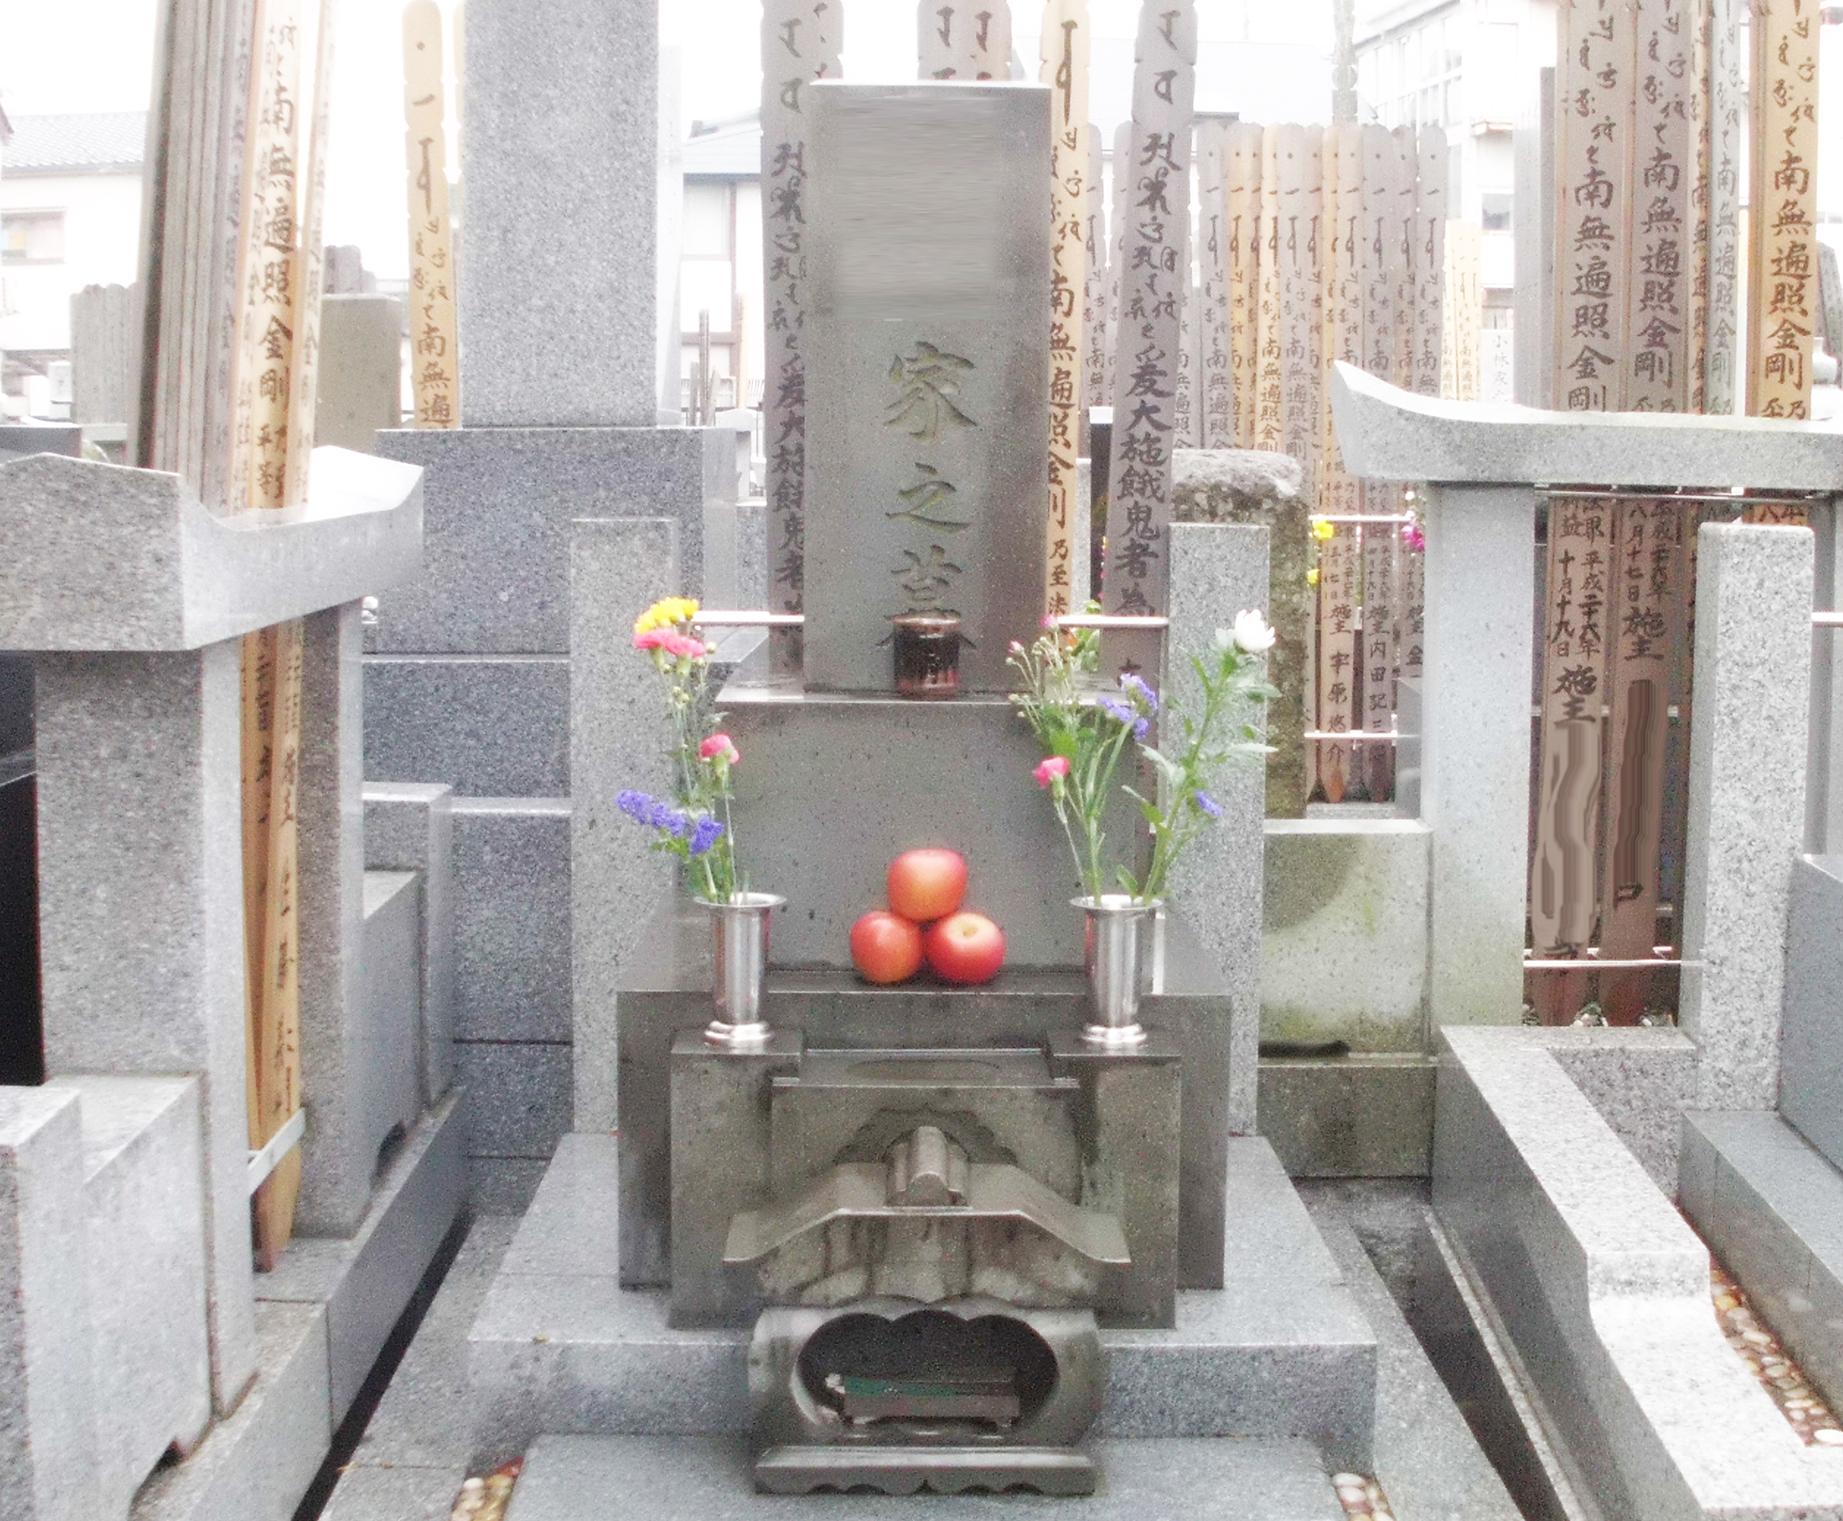 墓と卒塔婆に書かれた戒名